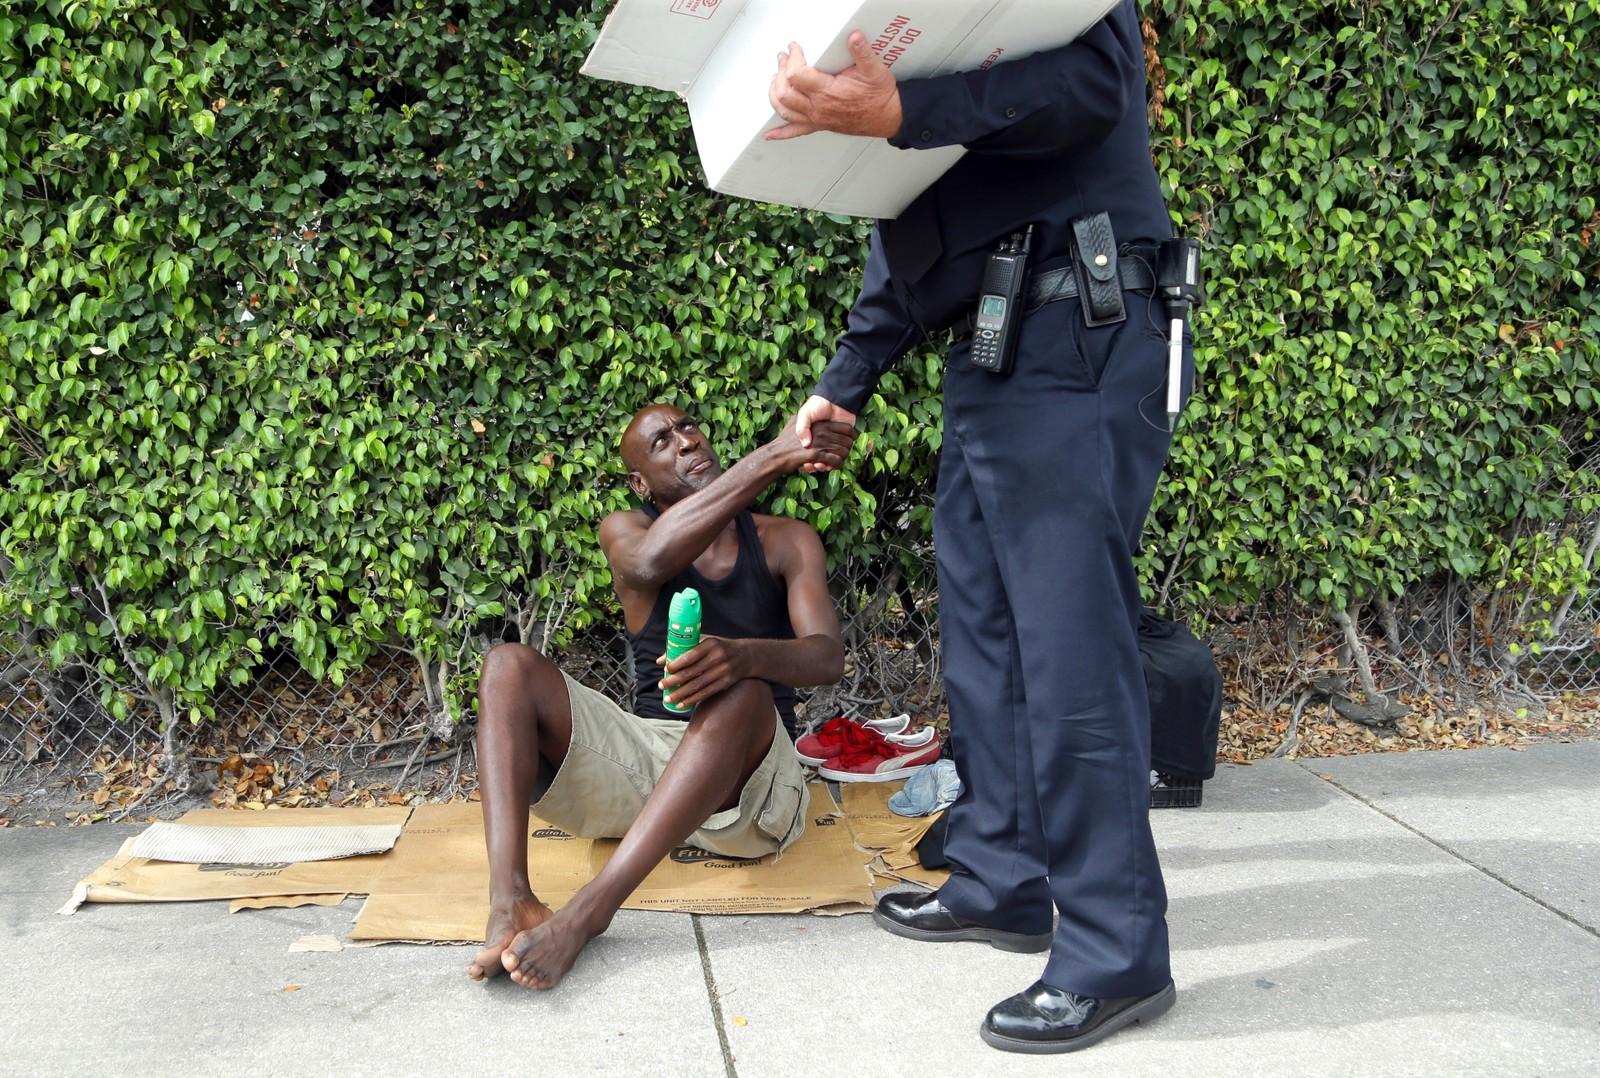 45 år gamle Lorenzo Ward, som er hjemløs, takker politimannen James Bernat etter å ha fått en sprayflaske med insektmiddel i nabolaget Wynwood i Miami i USA. Myndighetene ber gravide kvinner om å unngå dette området fordi det skal være mygg der som kan smitte mennesker med zikaviruset. Bildet er tatt 2. august. Politimannen delte ut 50 flasker denne dagen.